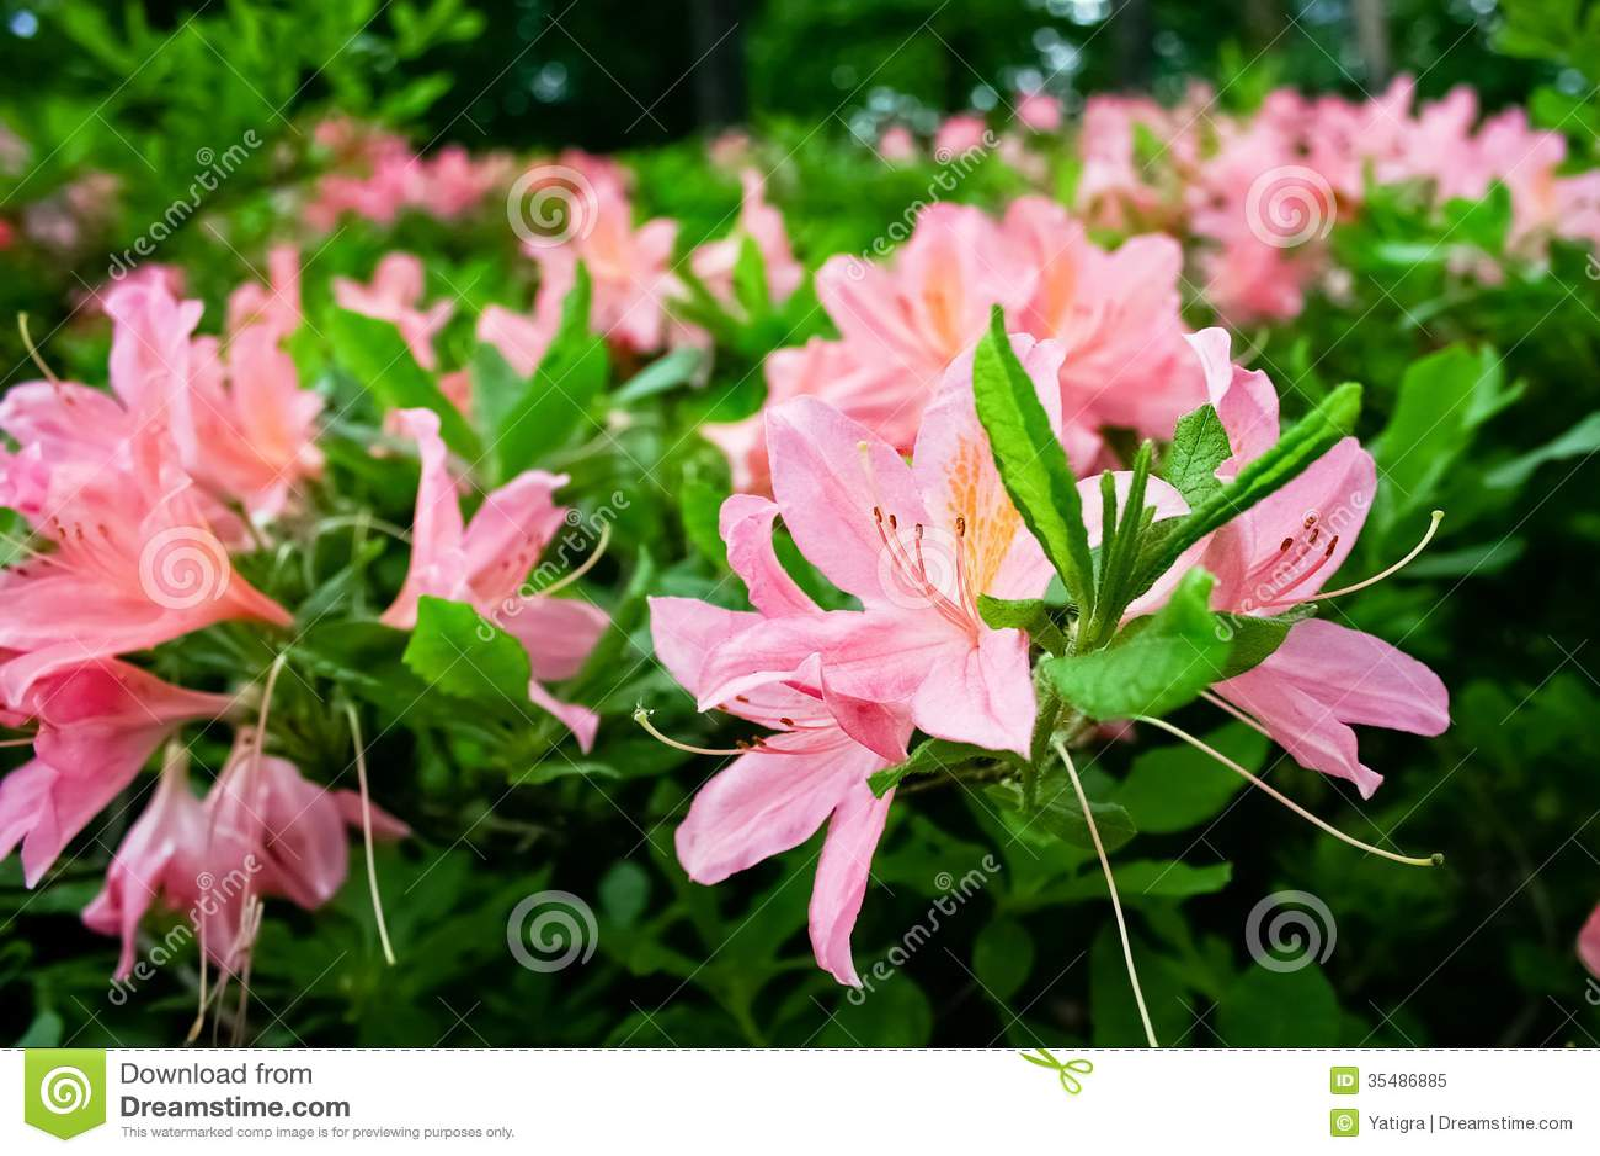 blommor och buskar